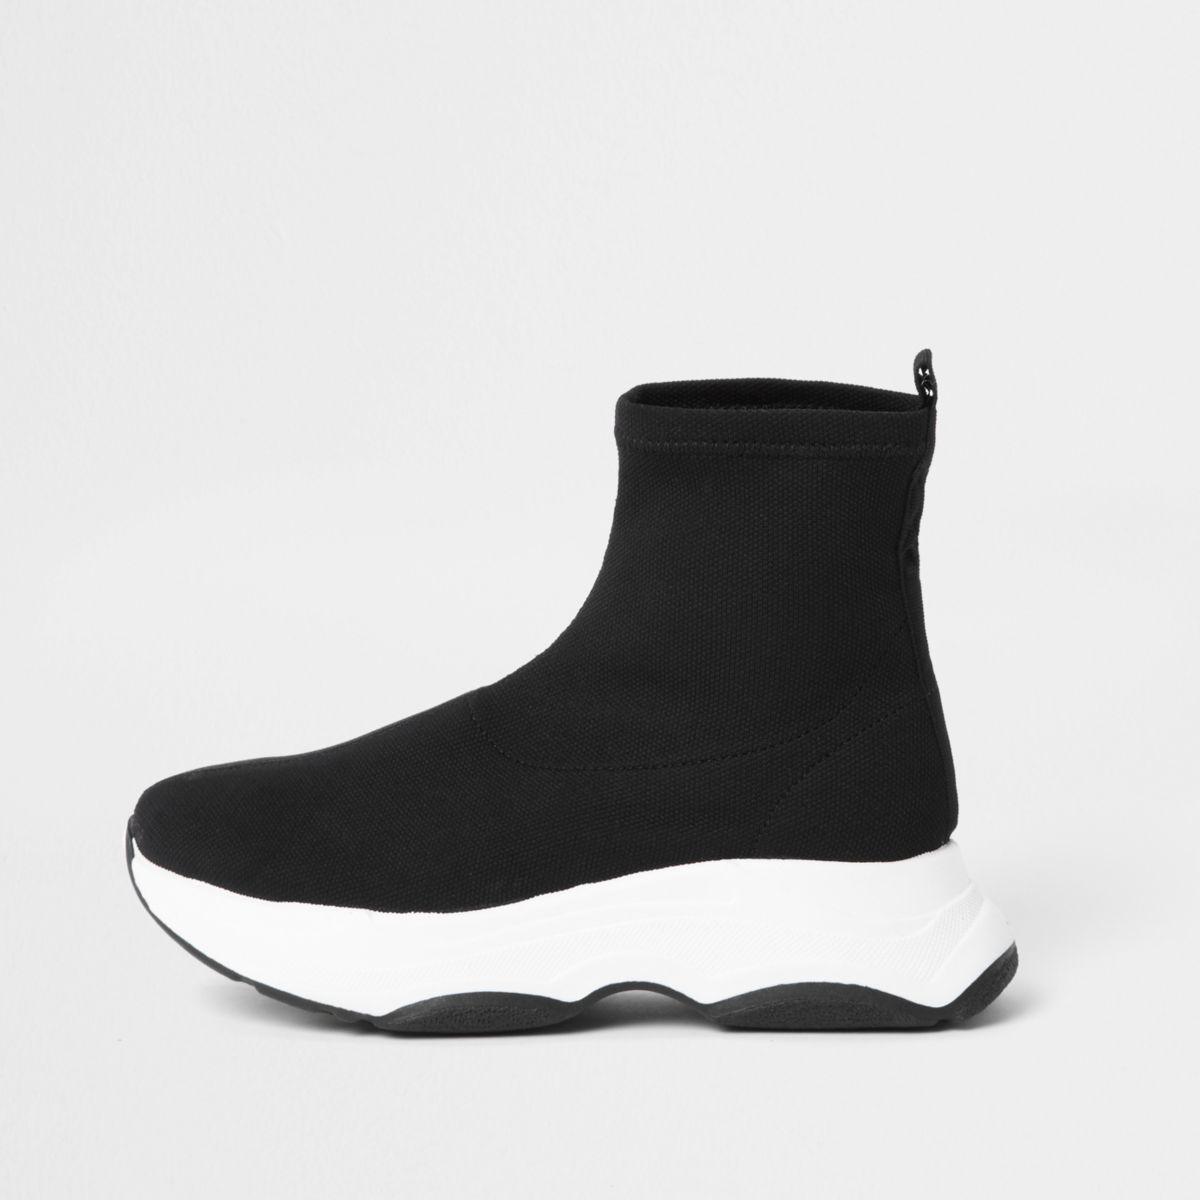 Zwarte gebreide sokvormige sneakers